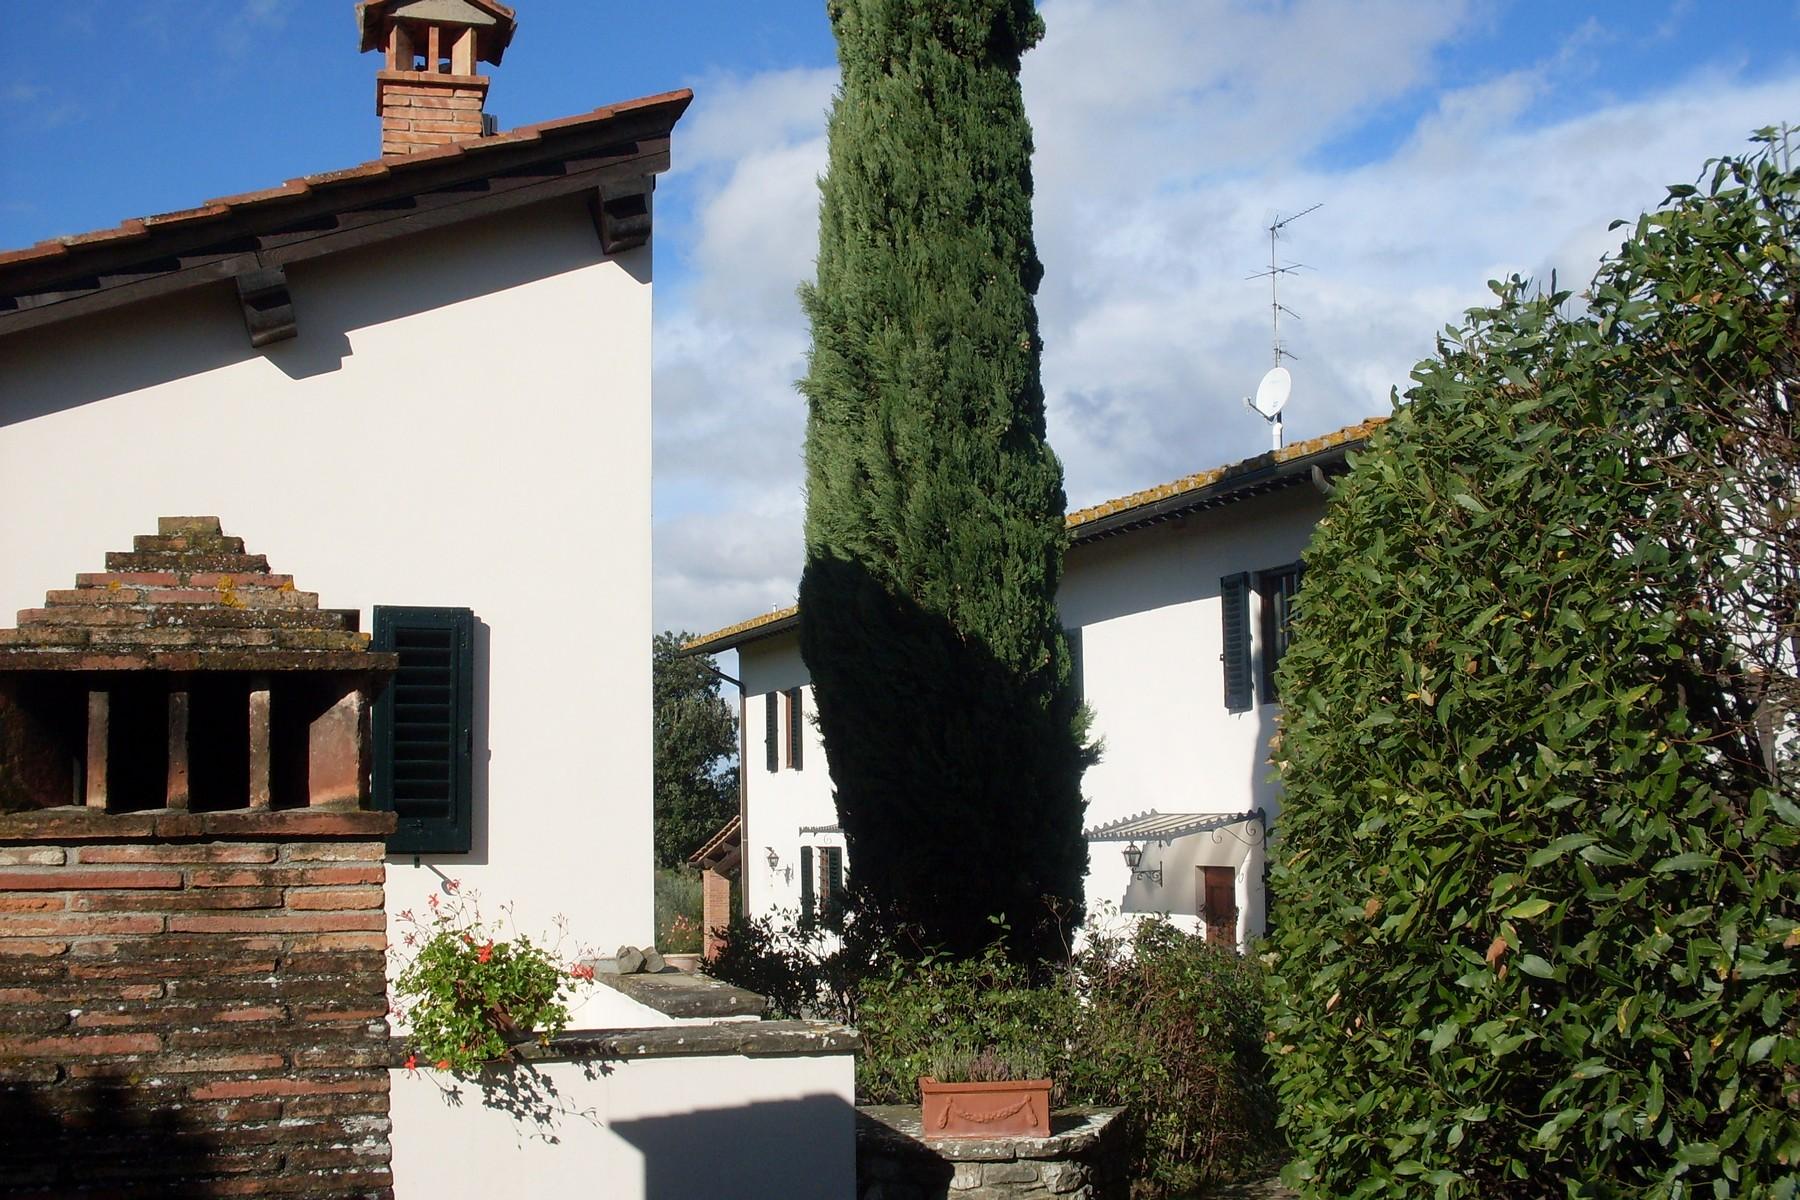 Rustico in Vendita a Bagno A Ripoli: 5 locali, 1385 mq - Foto 6